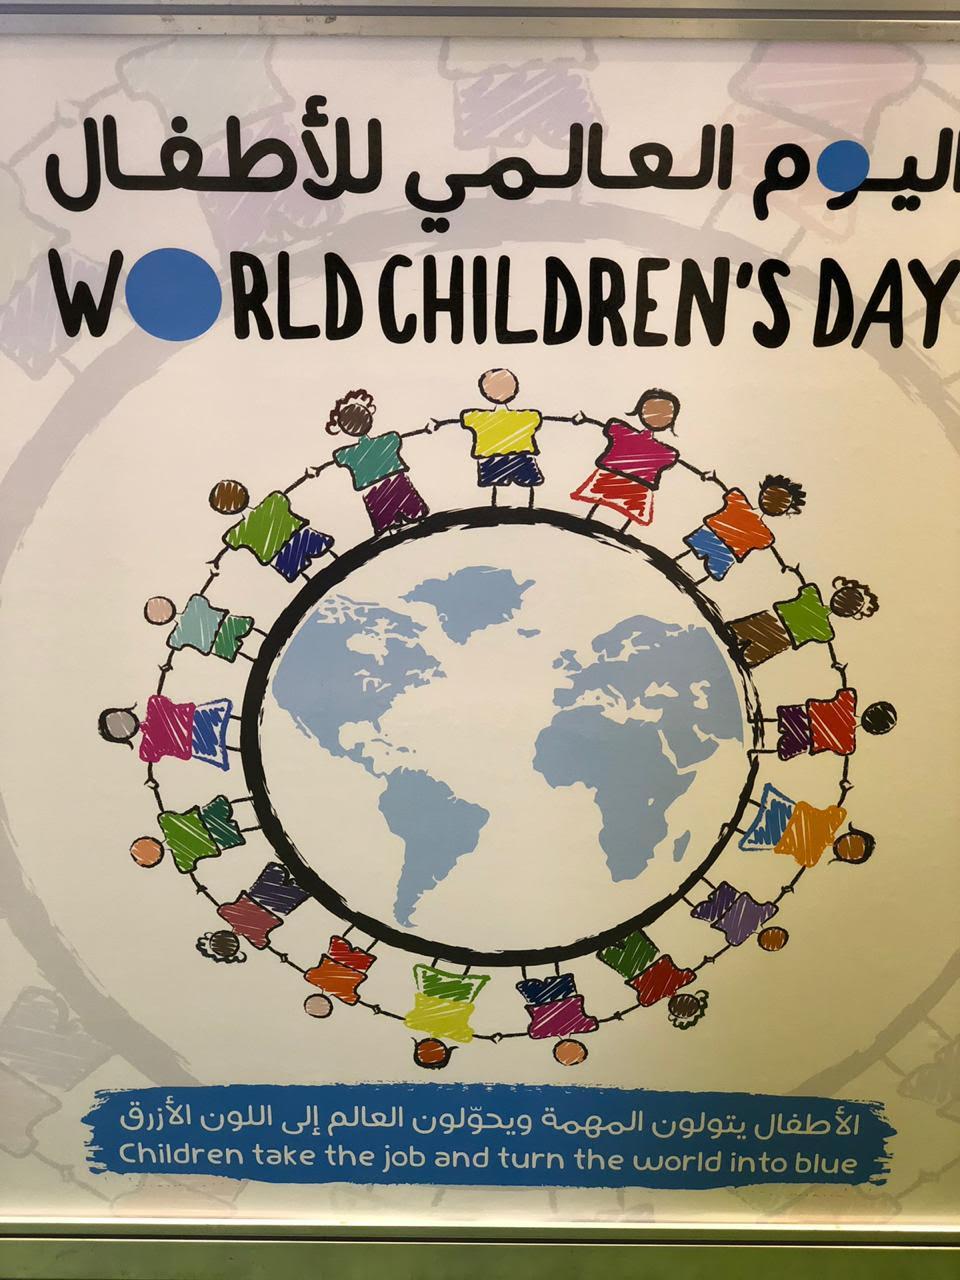 روضة الرواد تشارك في زوارة التعليم في اليوم العالمي للطفل